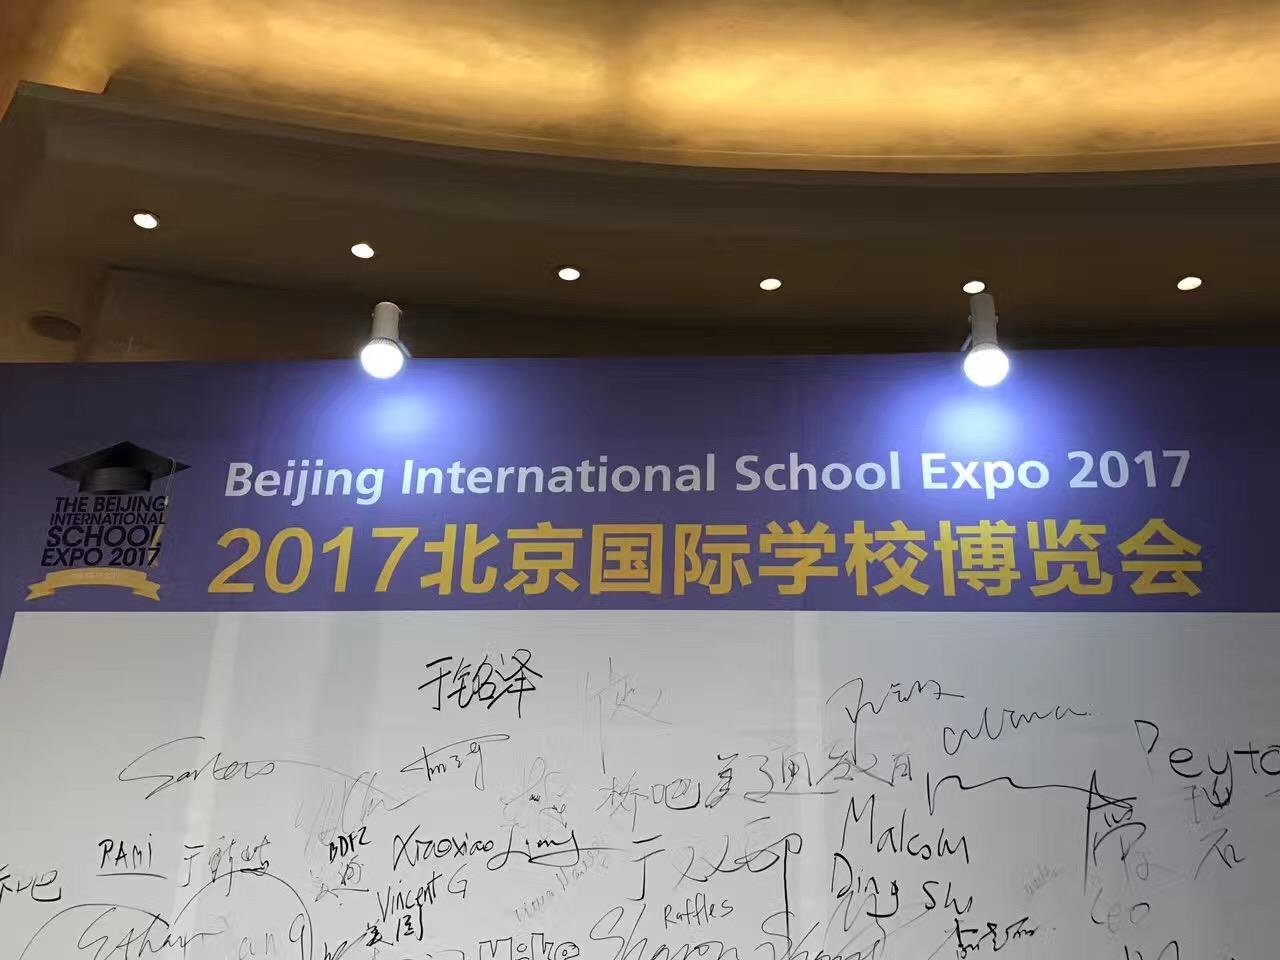 2017北京国际学校博览会BlueAir实况